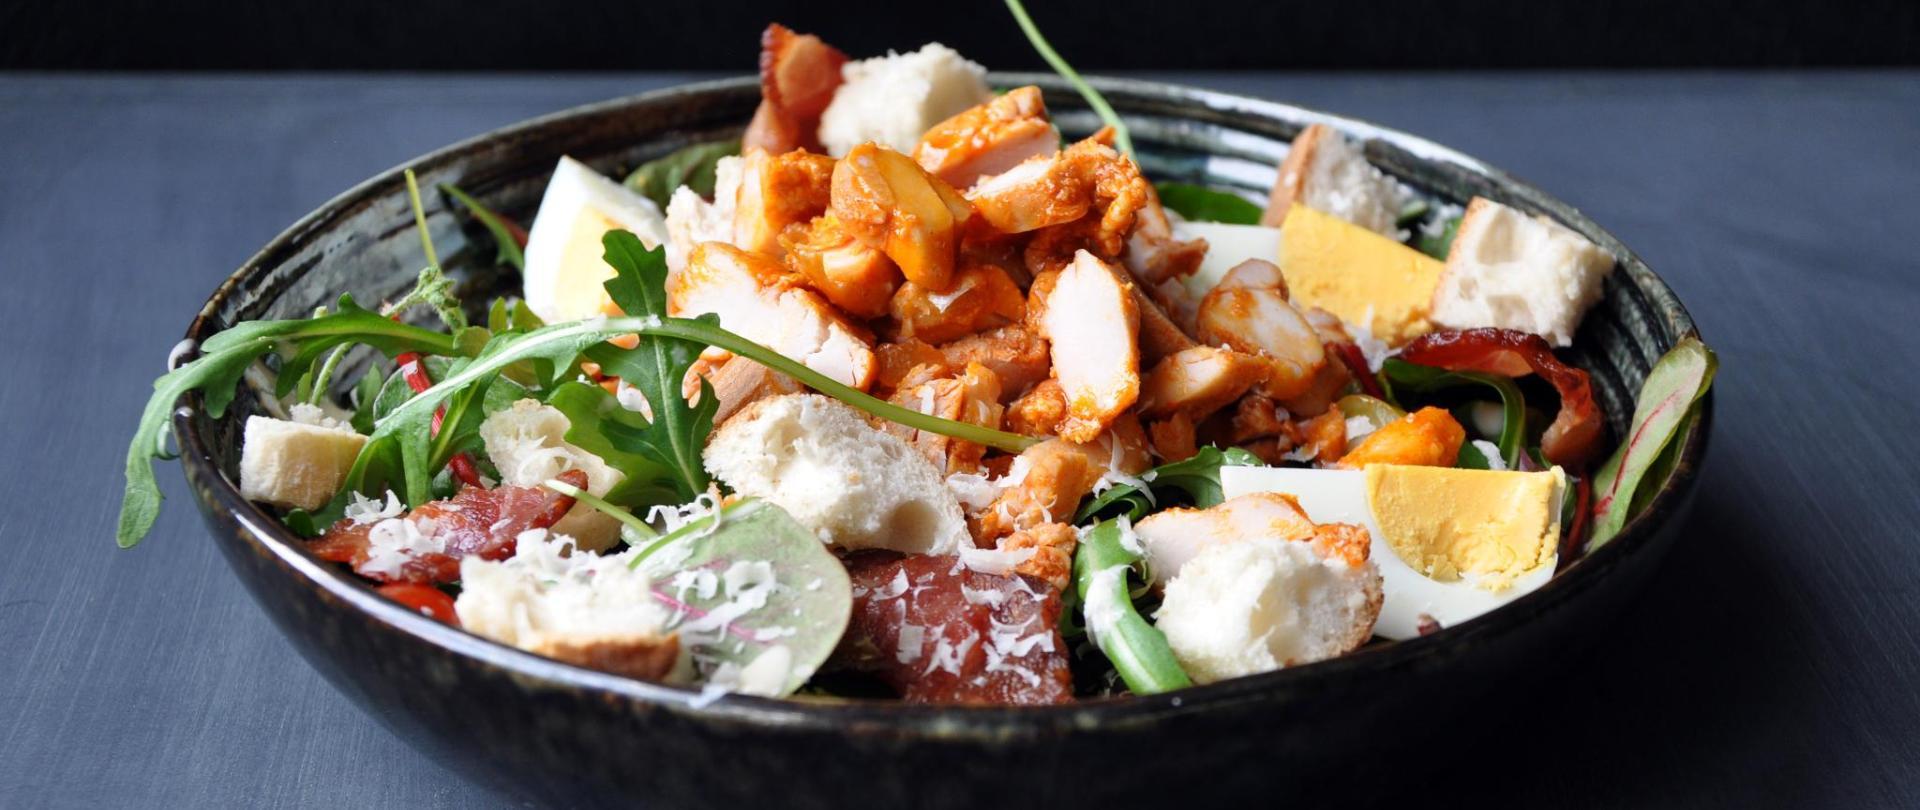 鸡大腿凯撒Salade.jpg